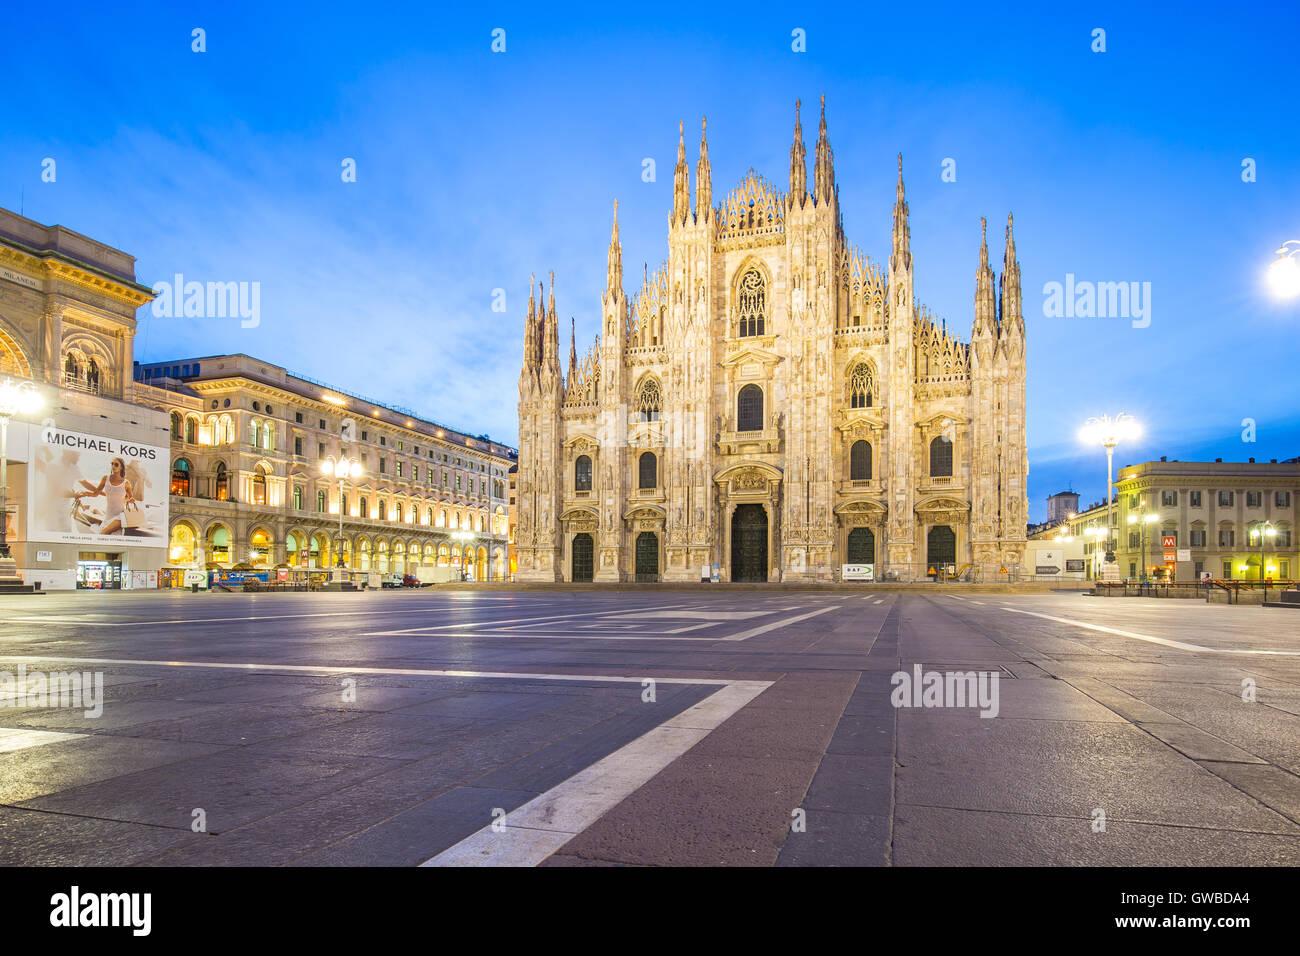 Il Duomo di Milano Duomo di Milano, Italia. Immagini Stock